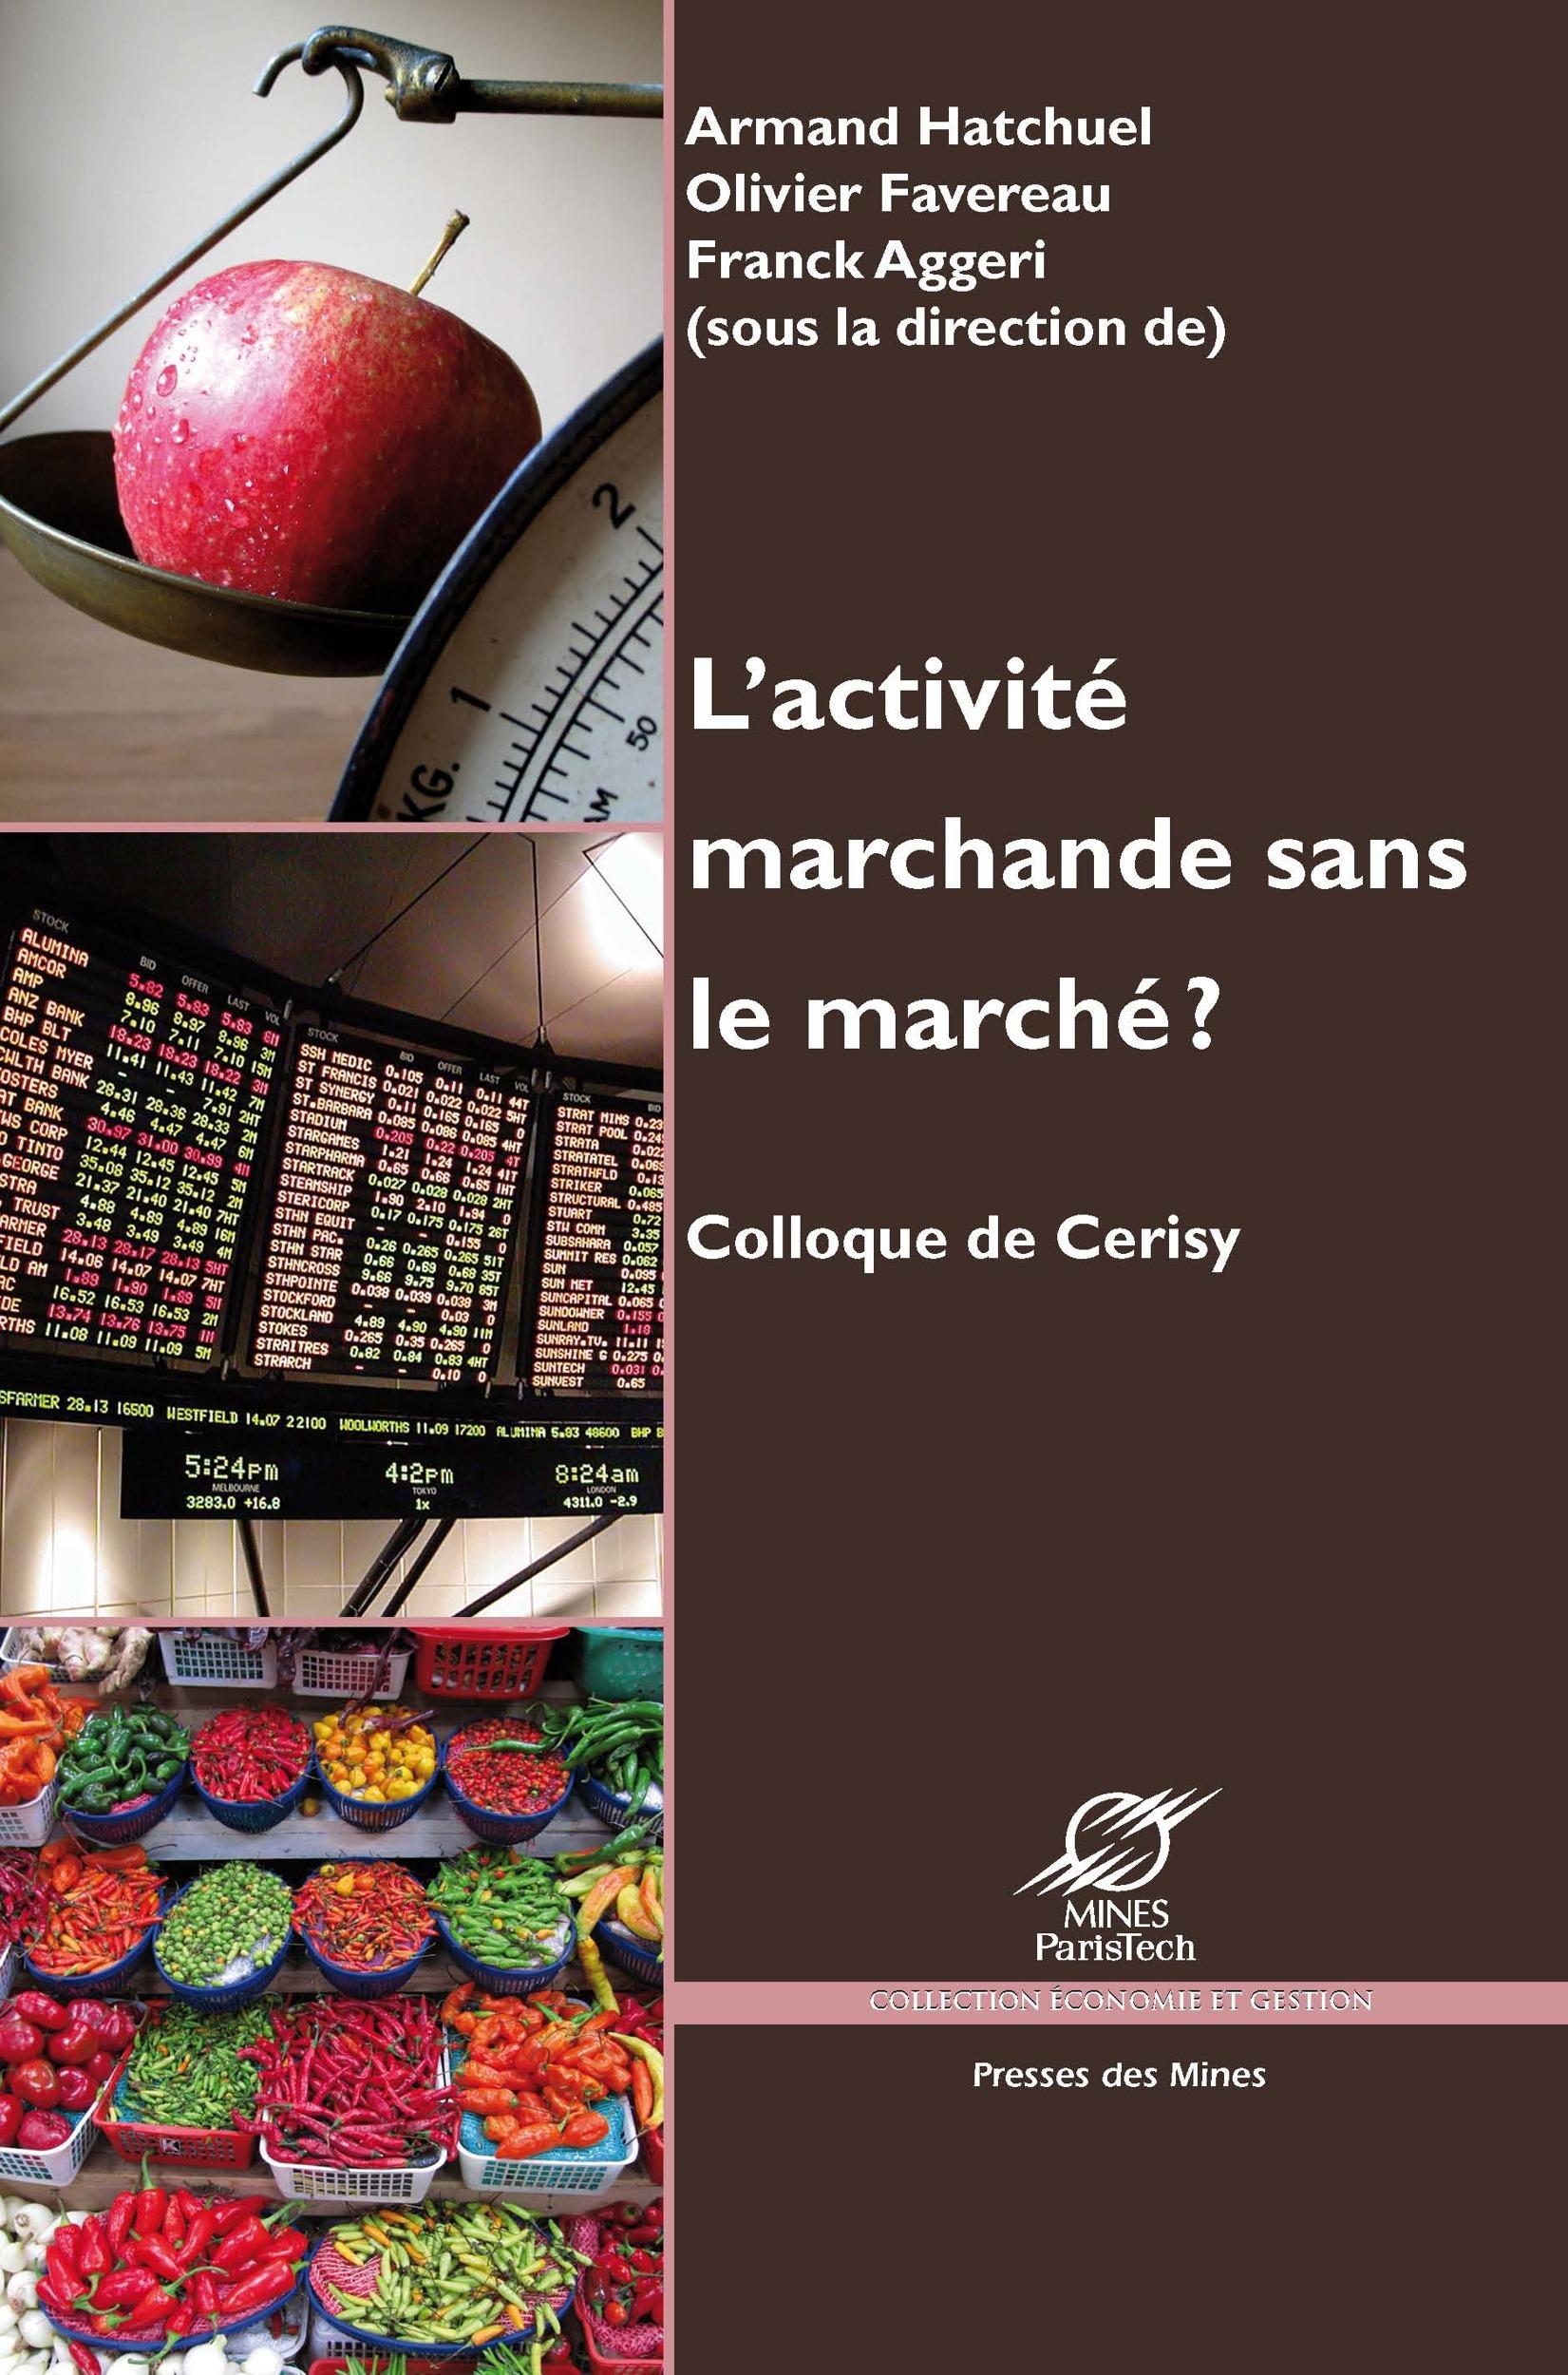 L'activité marchande sans le marché ? colloque de Cerisy